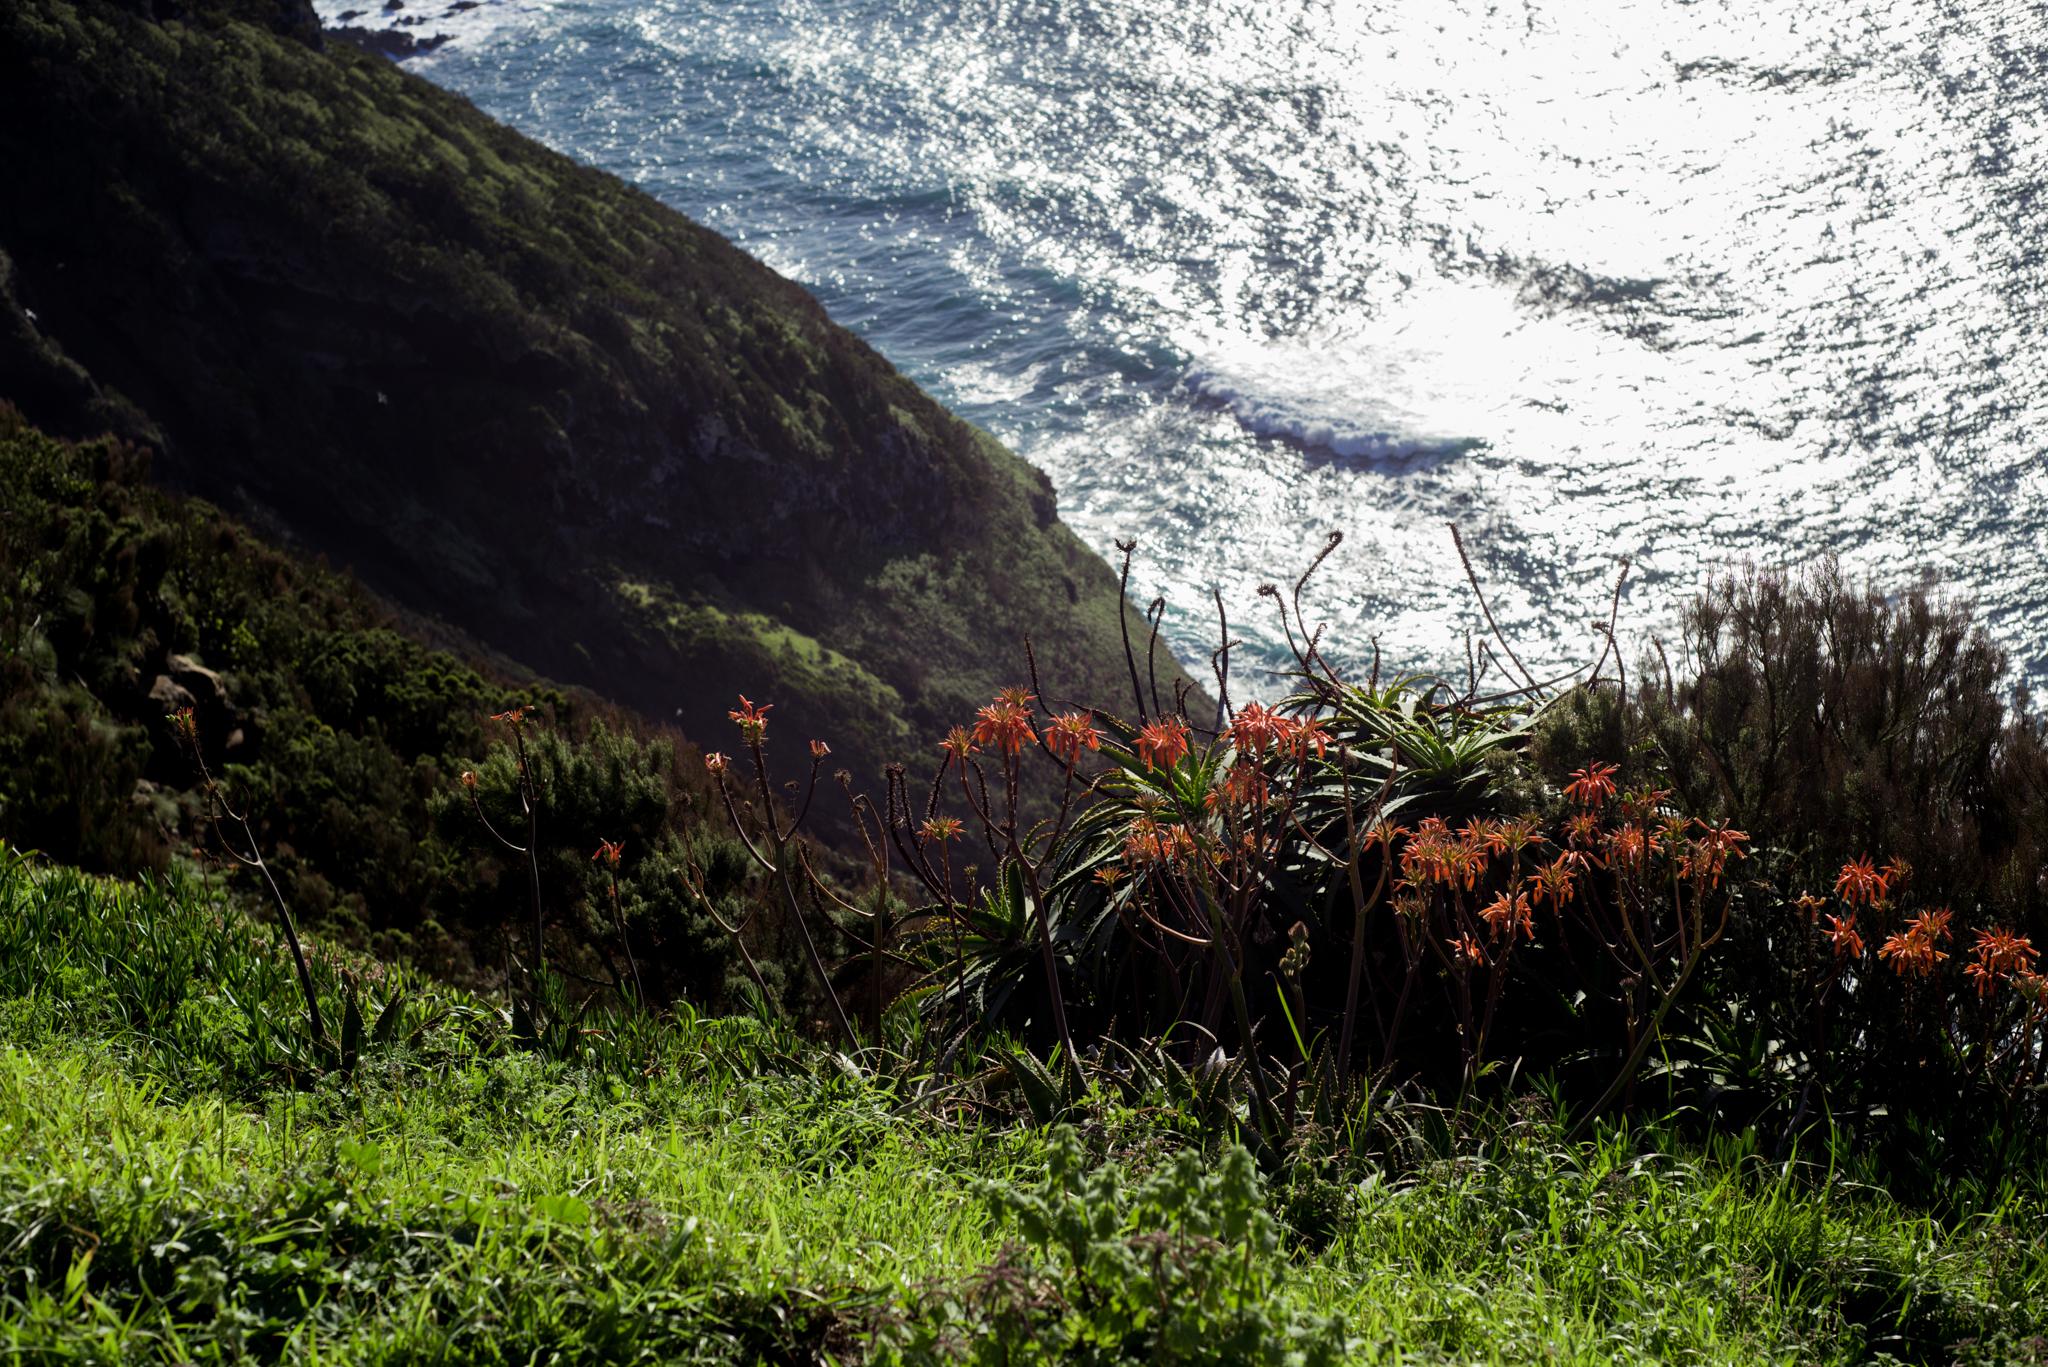 Miradouro da Ponta do Escalvado virágokkal. Fotó: Dobó Diána